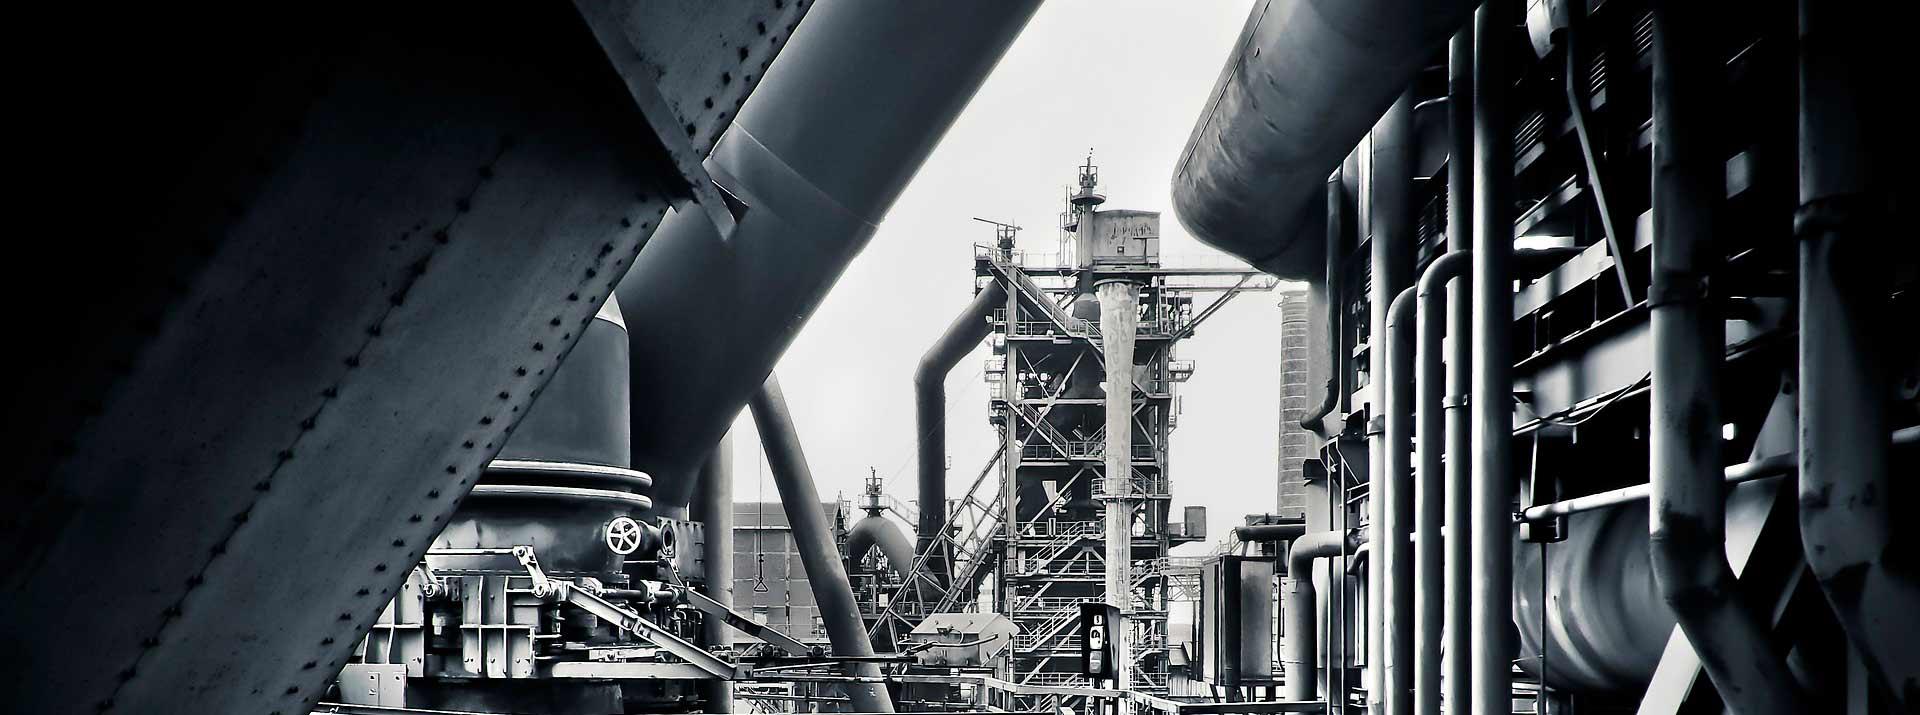 Agitadores industriales